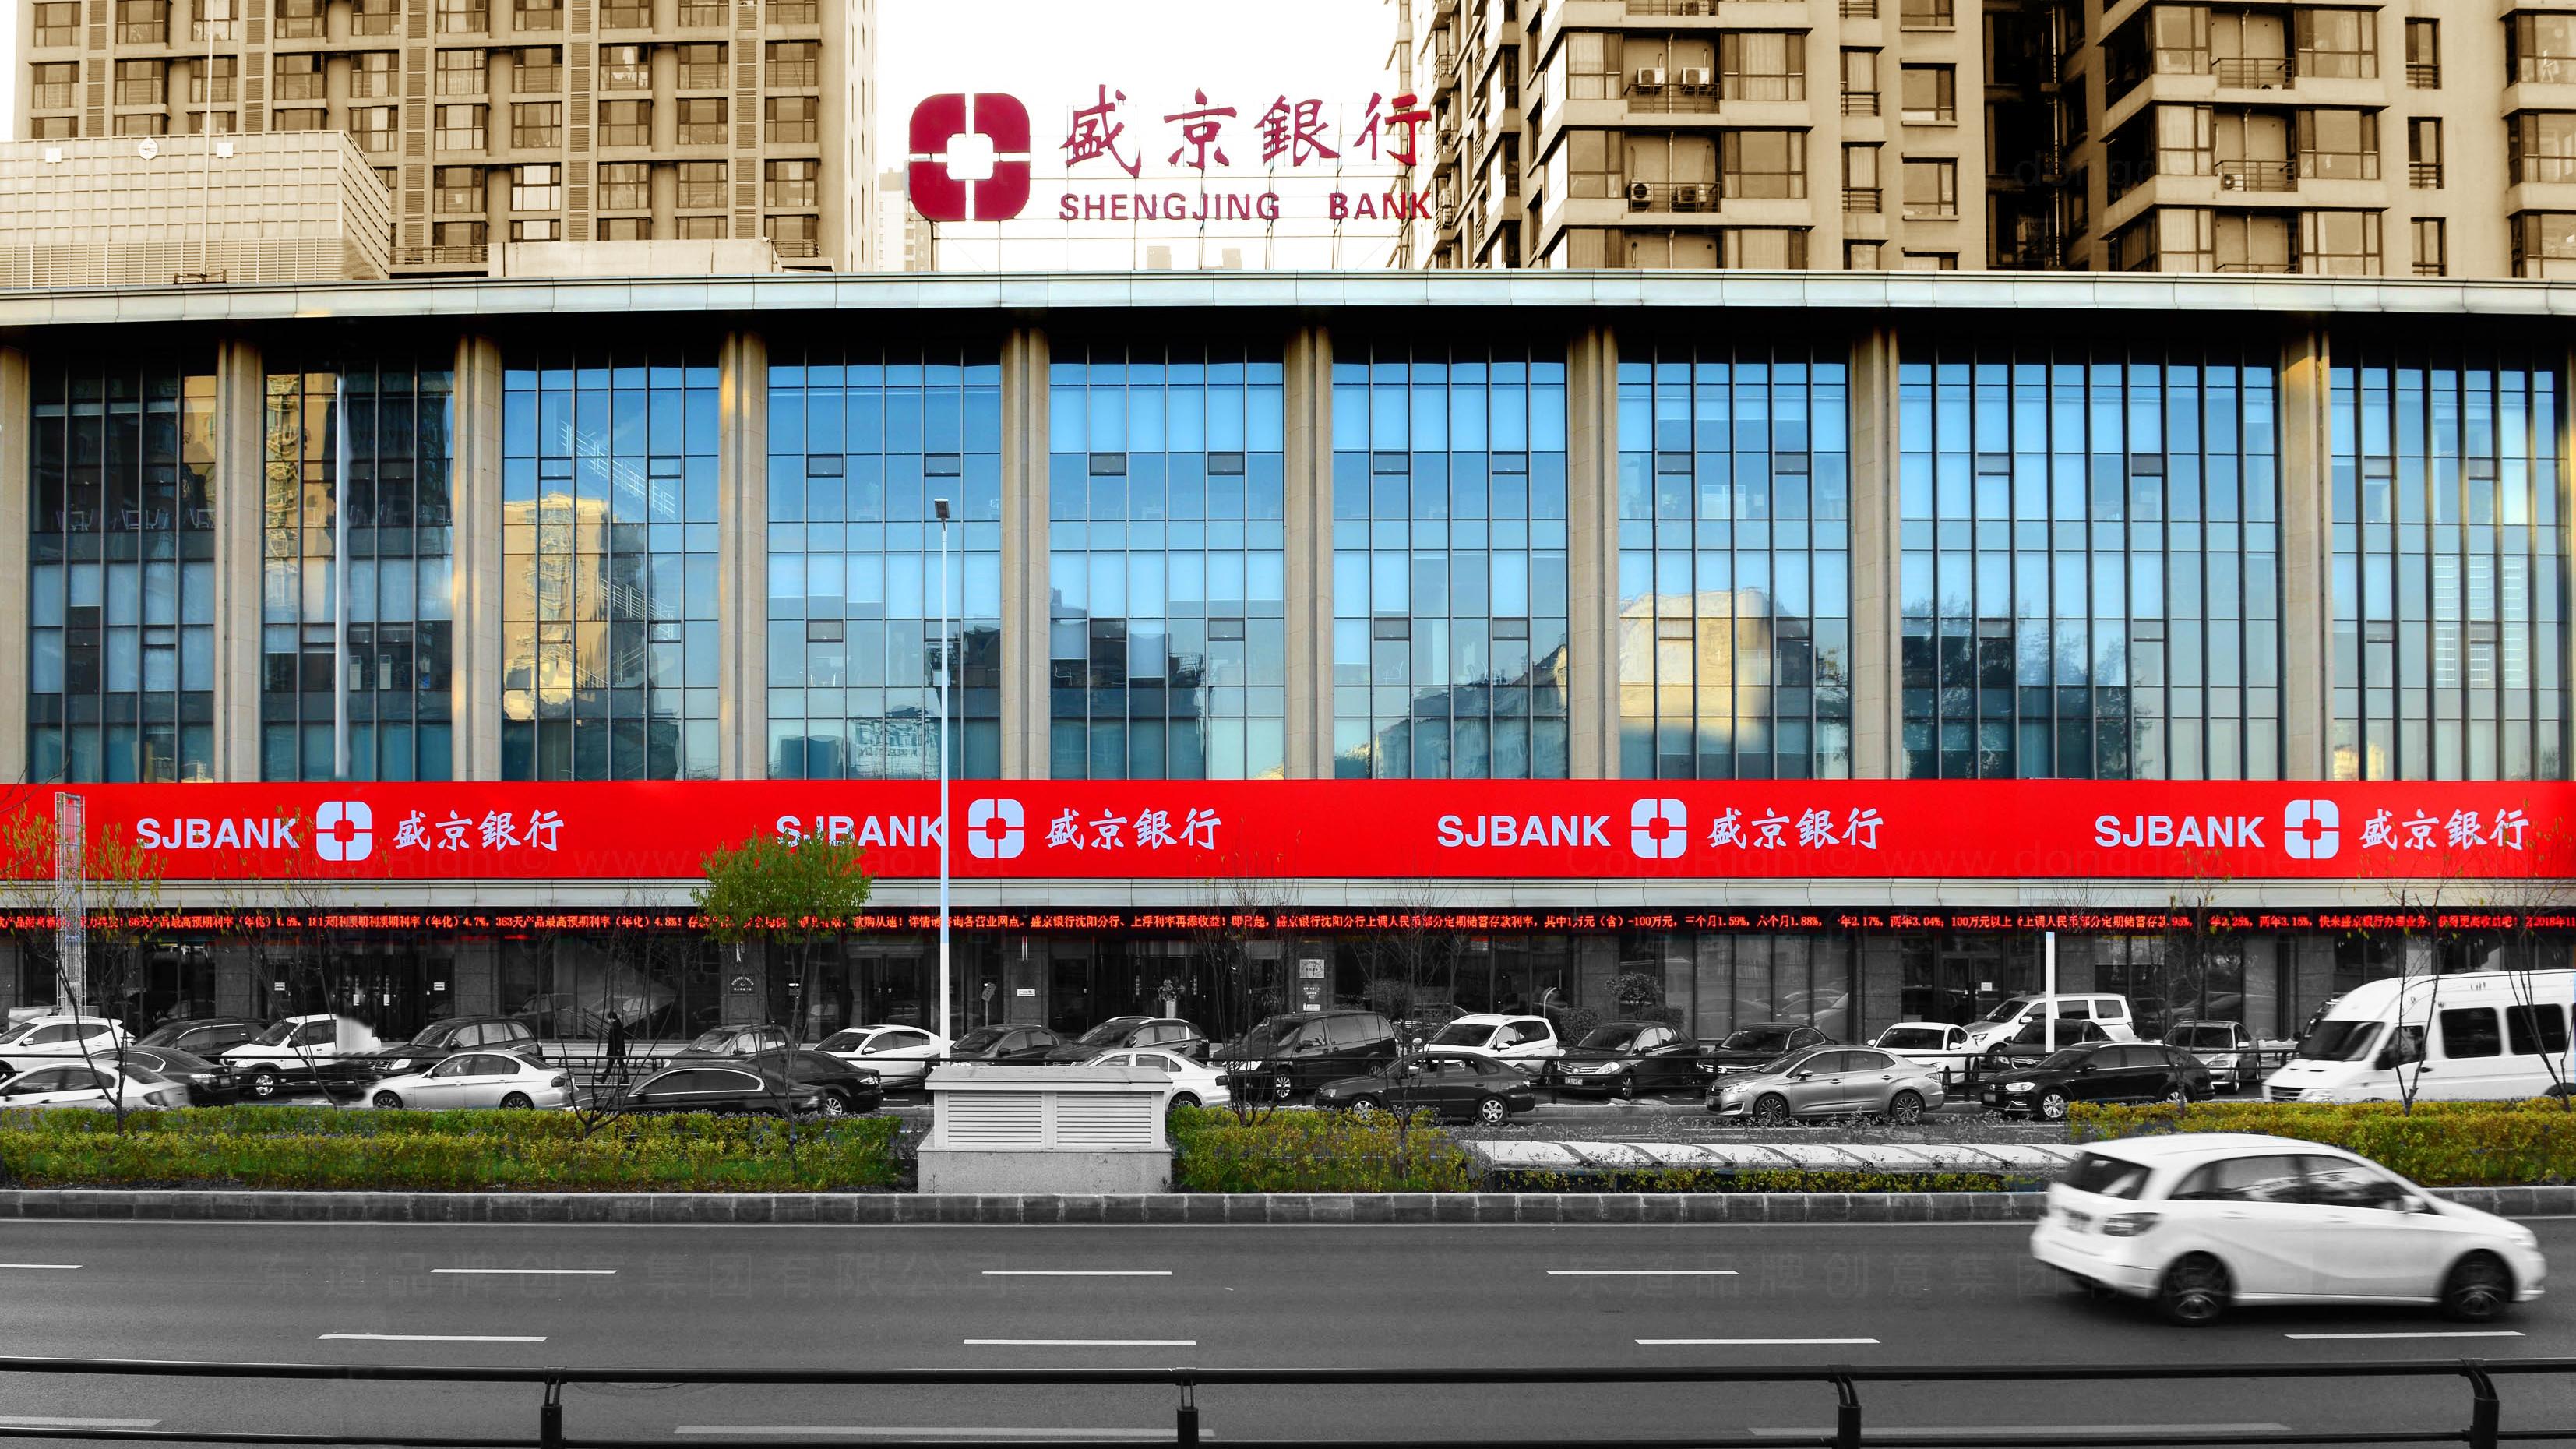 银行金融落地工程盛京银行装饰工程标识制作